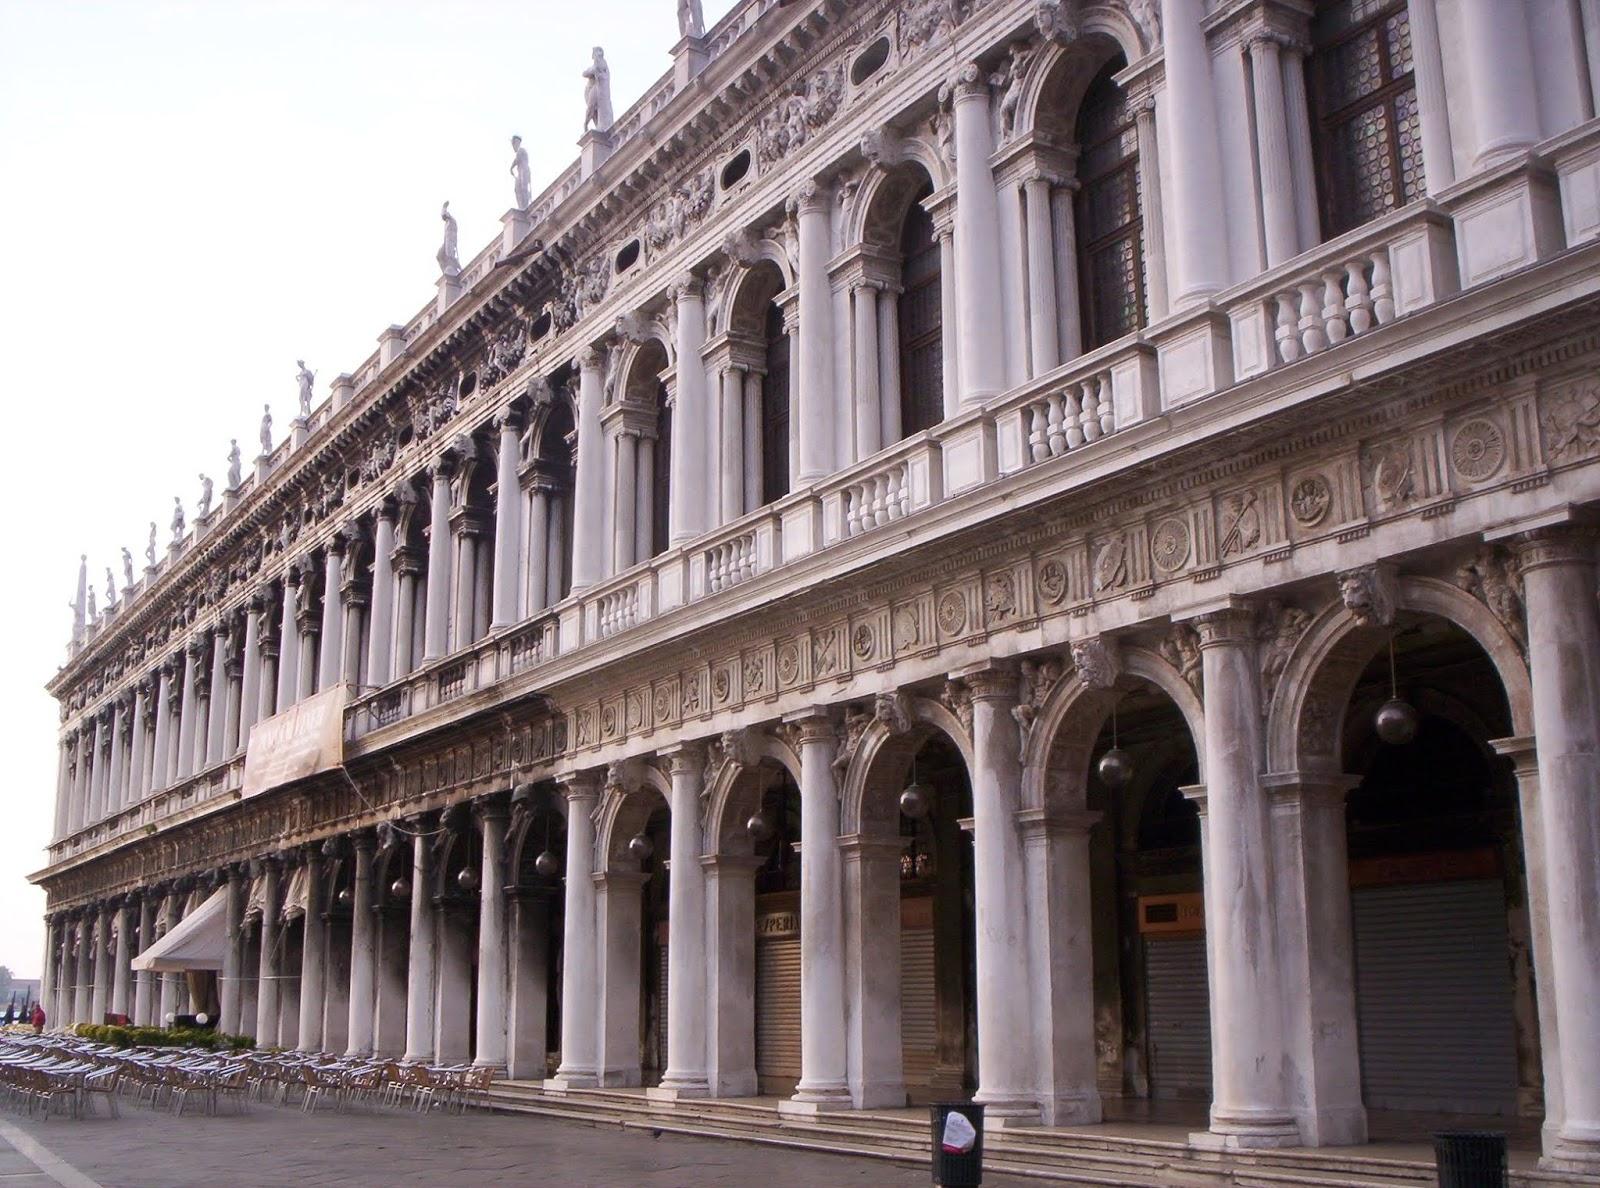 Colori In Luce Correggio l'arte e il suo fascino: luce e colore. venezia e l'italia